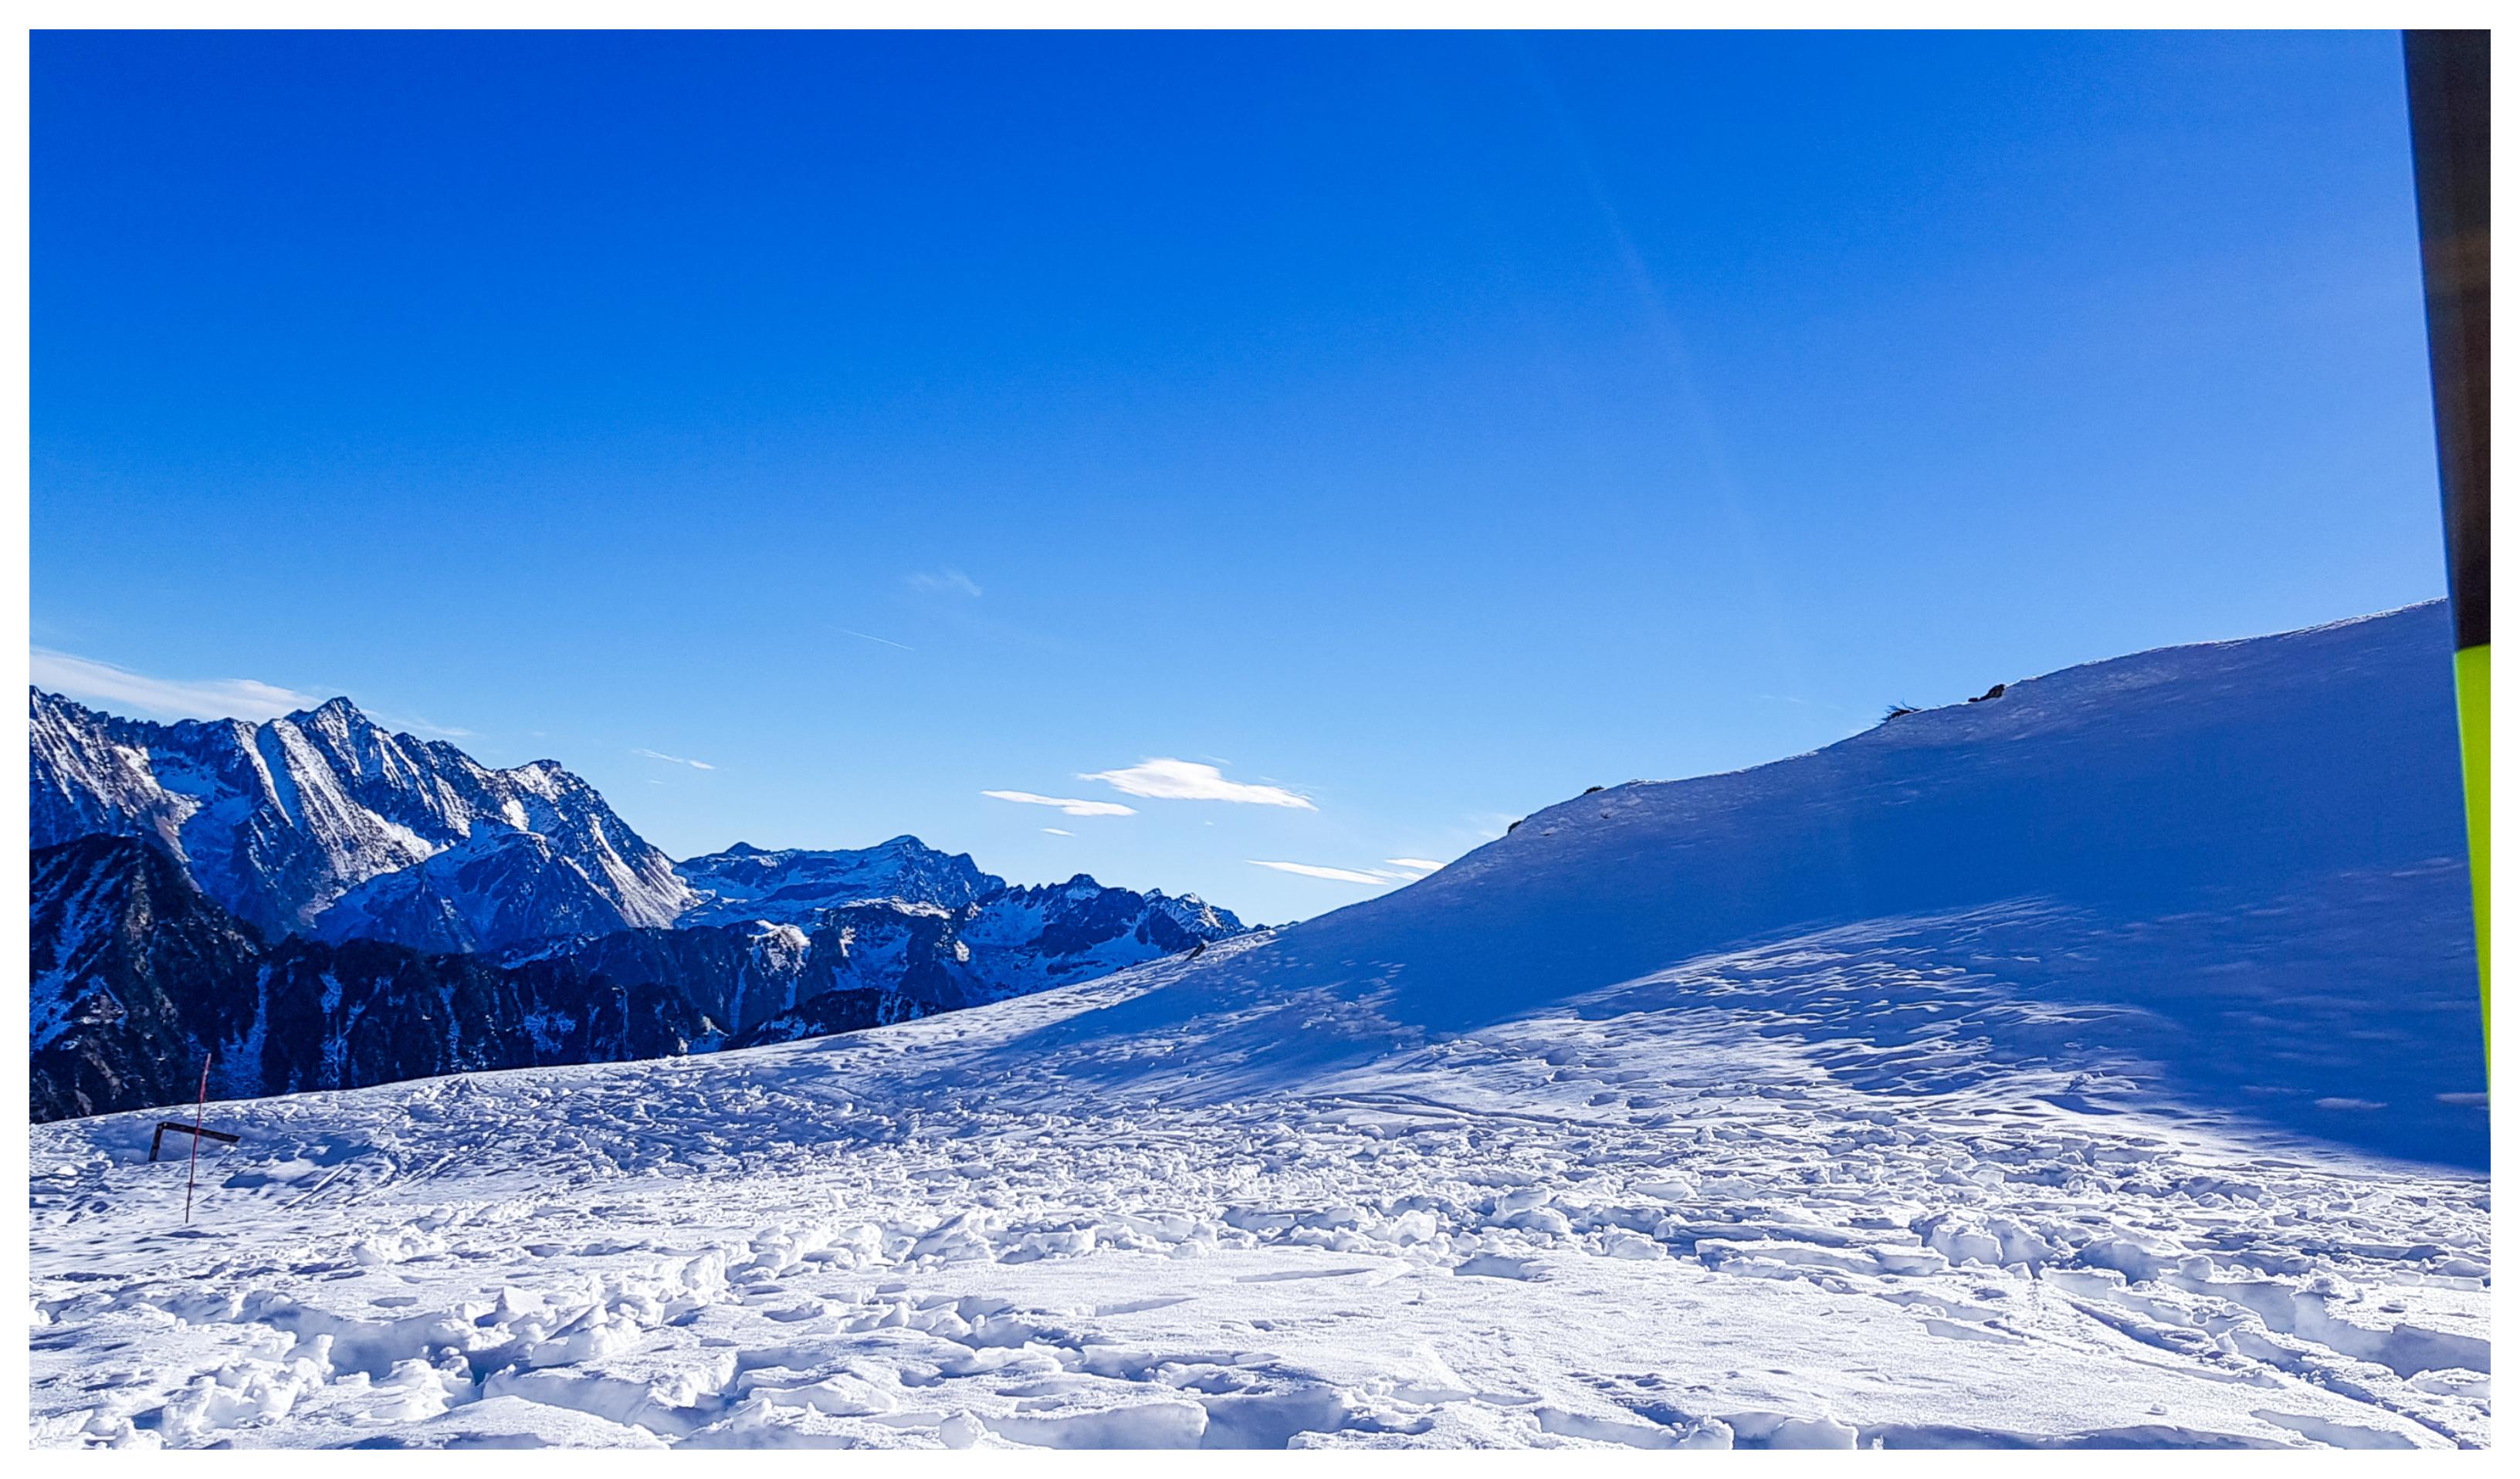 cauterets-paysage-pyrénées-ski-avis-blog-bordeaux